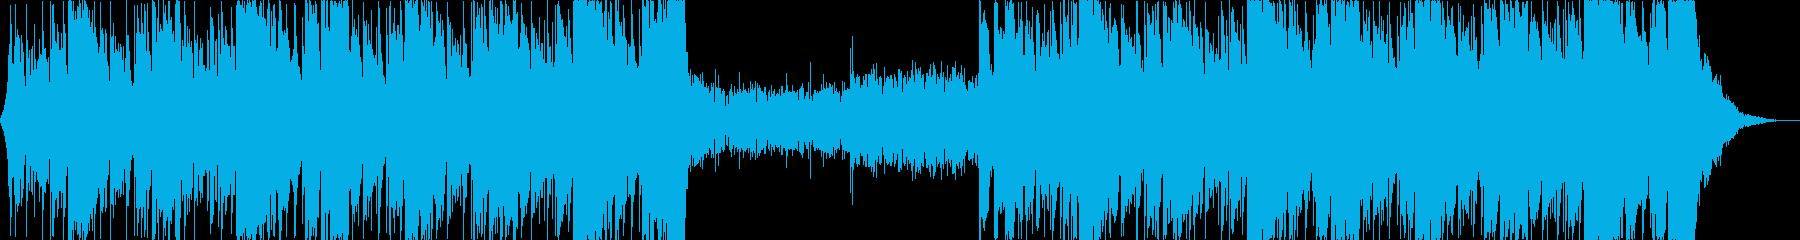 ダブステップ コーポレート アクテ...の再生済みの波形